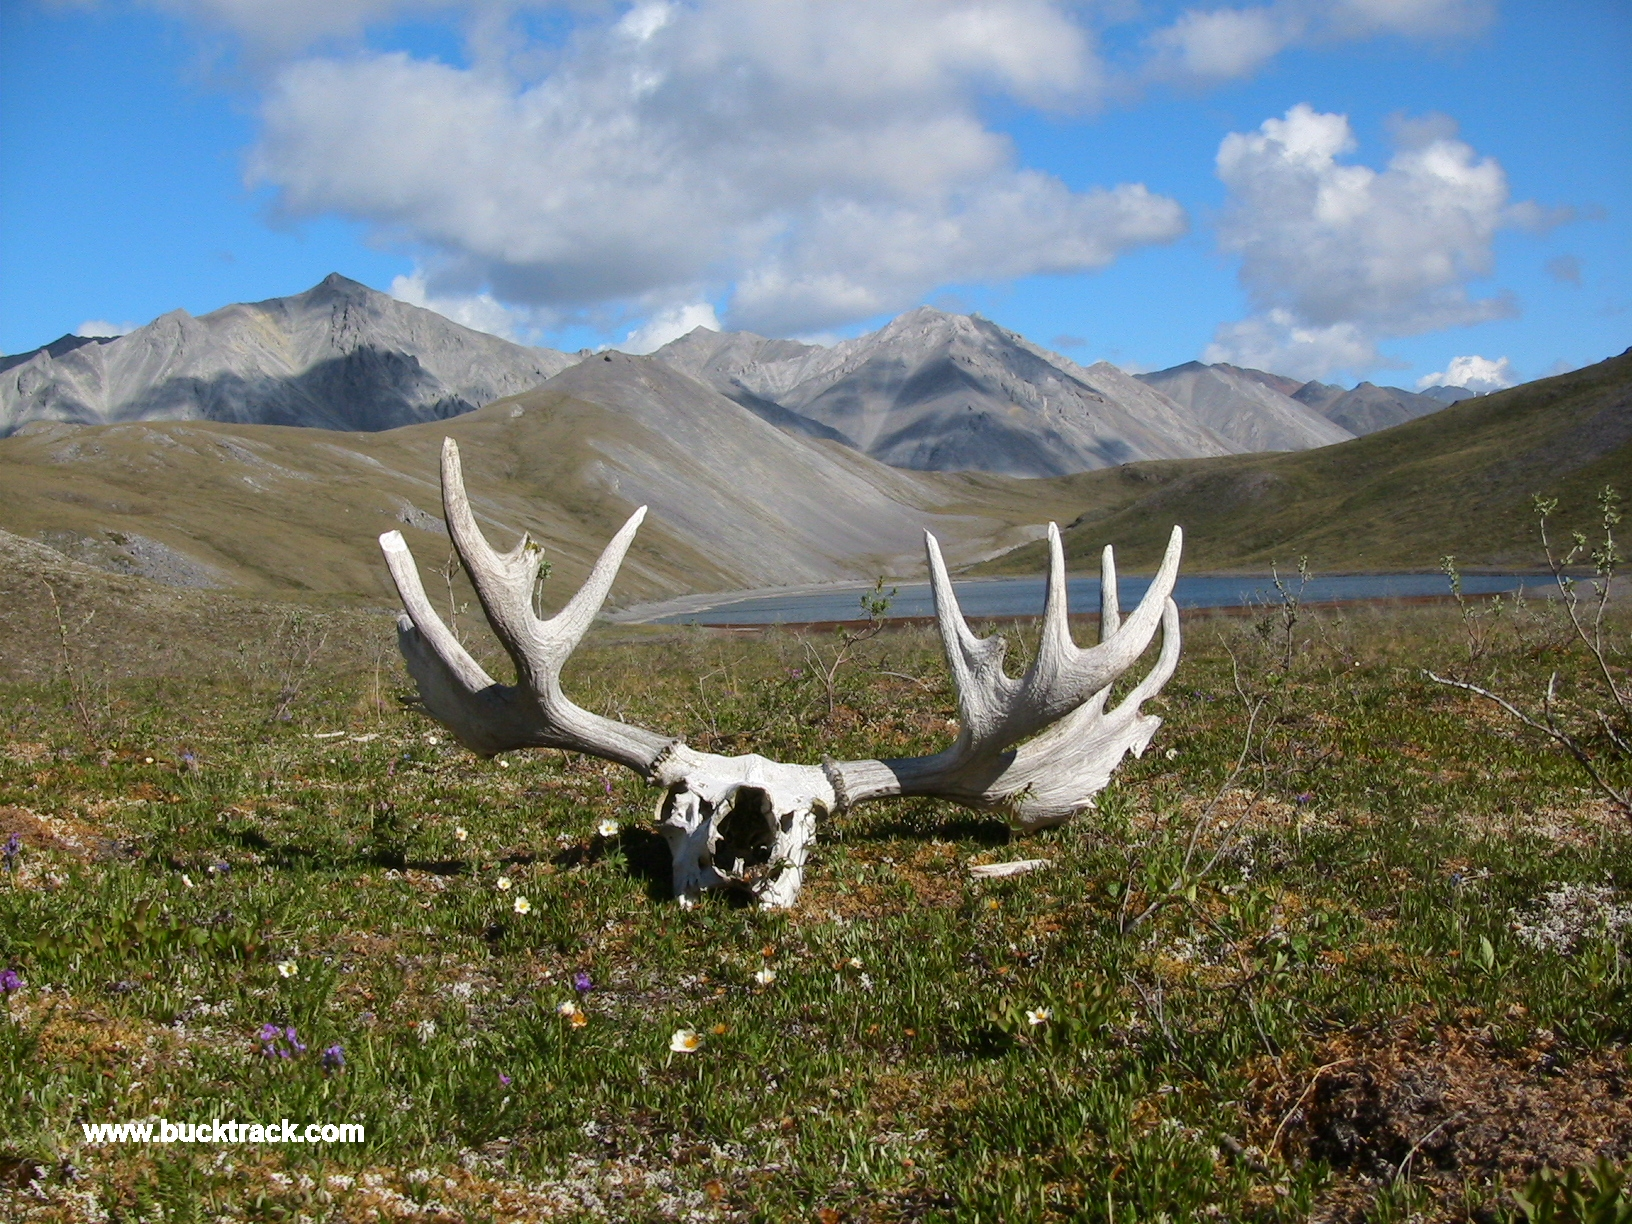 Alaska Desktop Backgrounds Outdoor Adventures 1632x1224